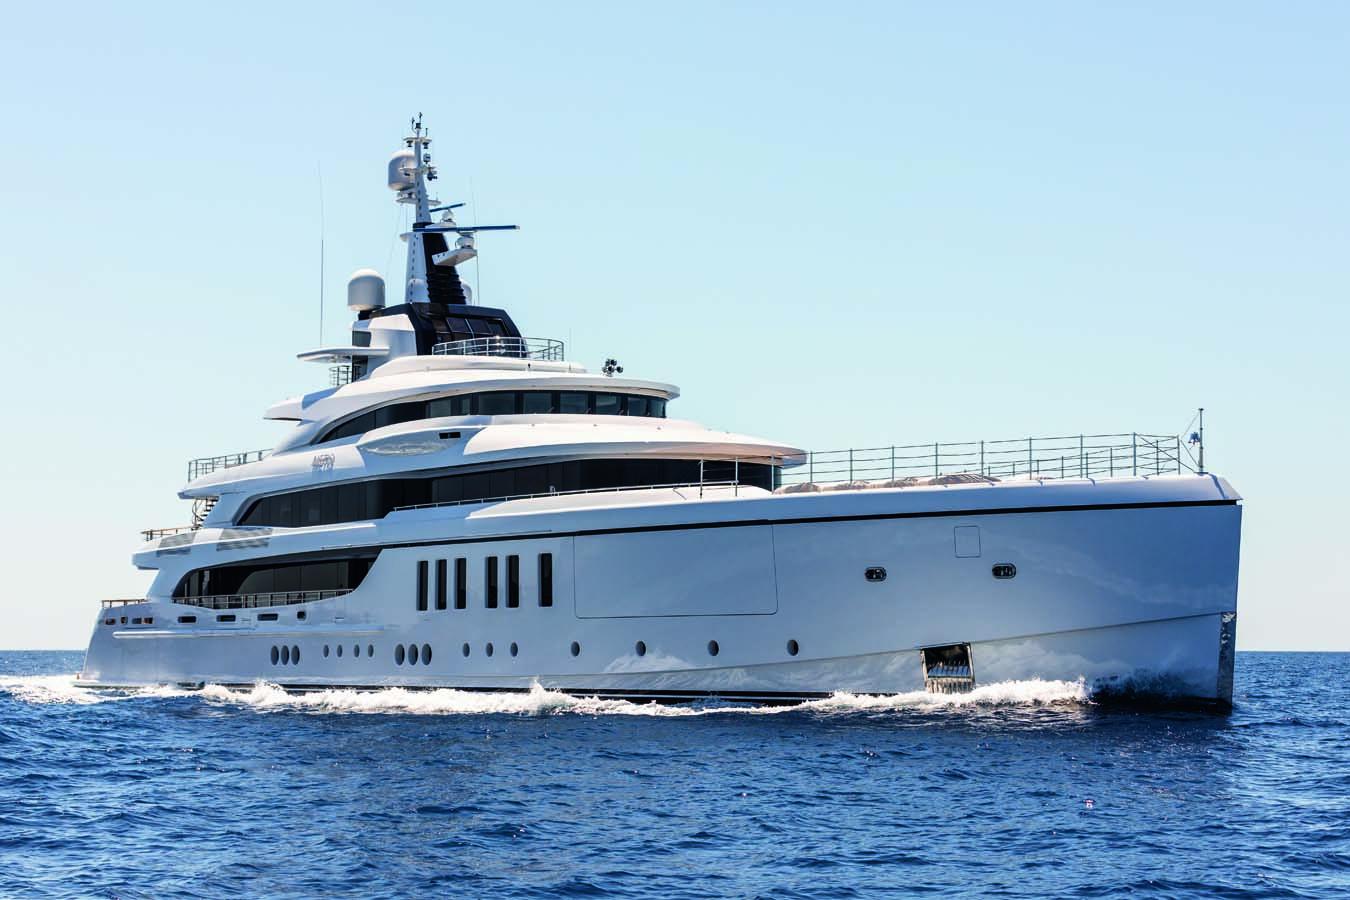 Critique du yacht de luxe: Le Super yacht METIS de Benetti